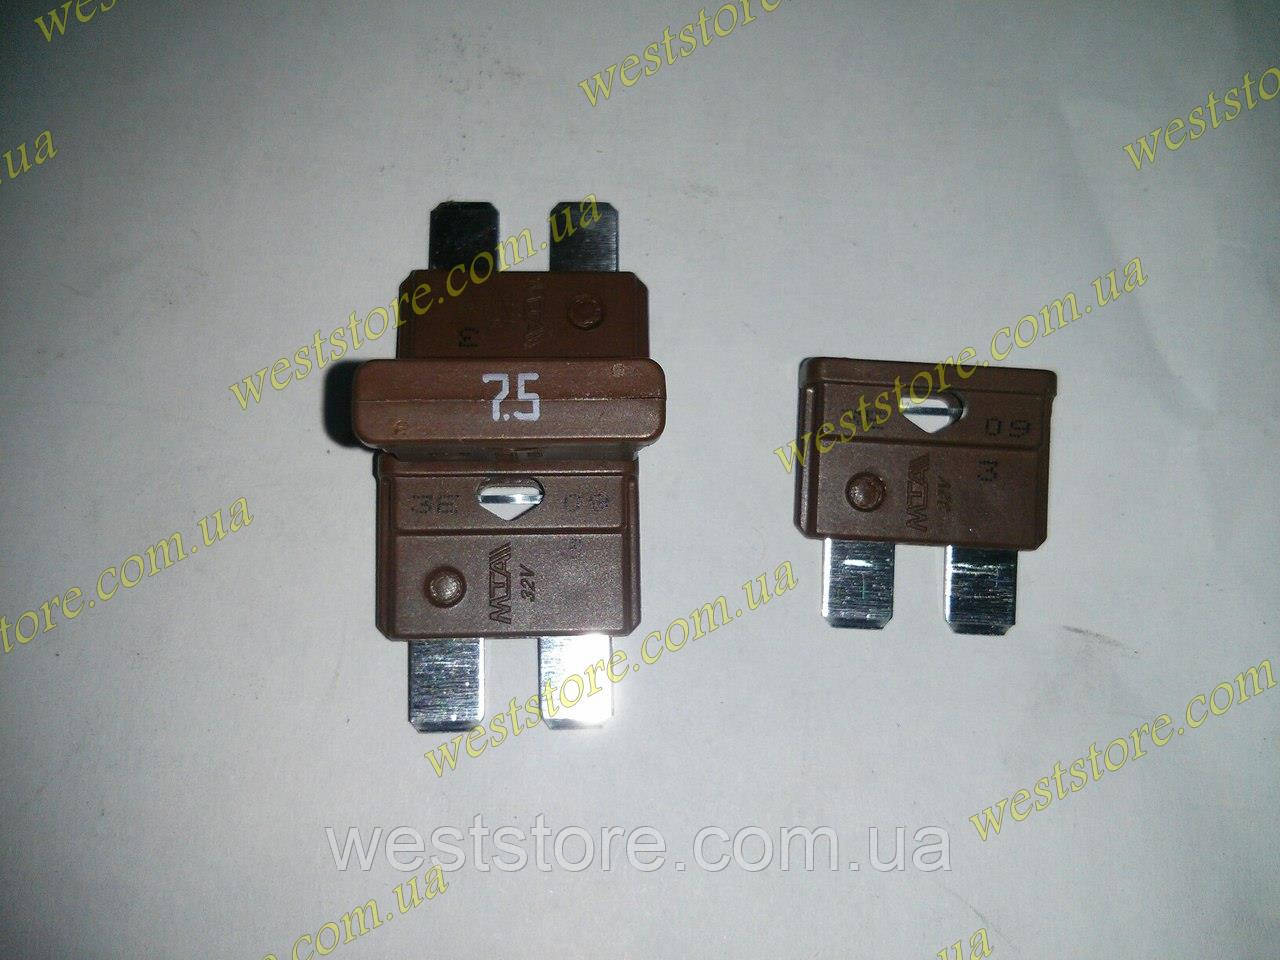 Предохранитель Евро 7.5 А коричневый MTA  Италия